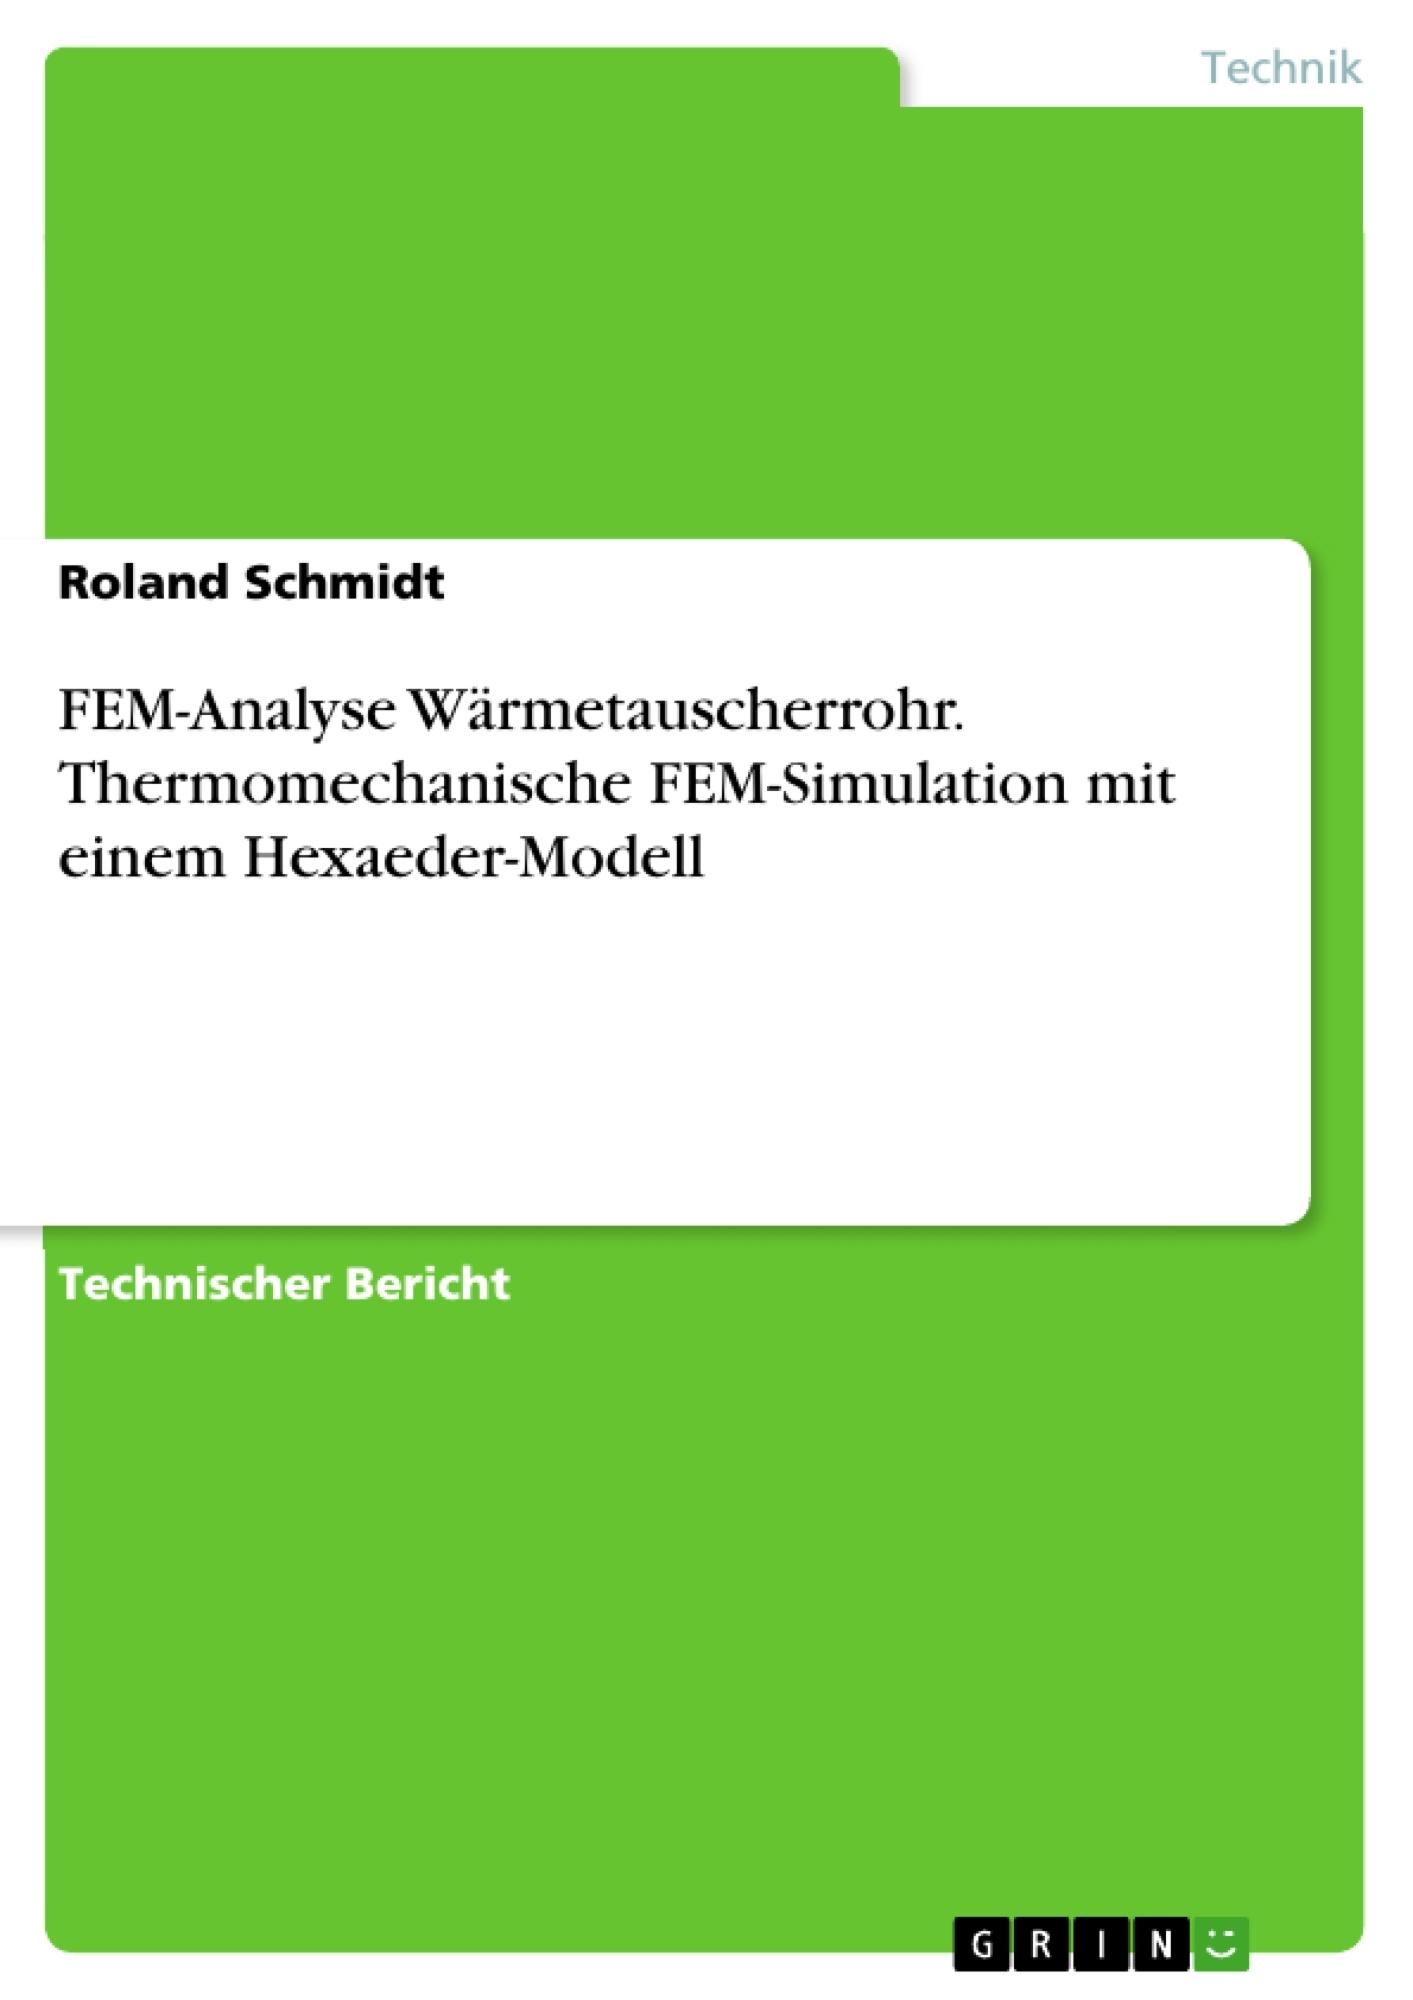 Titel: FEM-Analyse Wärmetauscherrohr. Thermomechanische FEM-Simulation mit einem Hexaeder-Modell